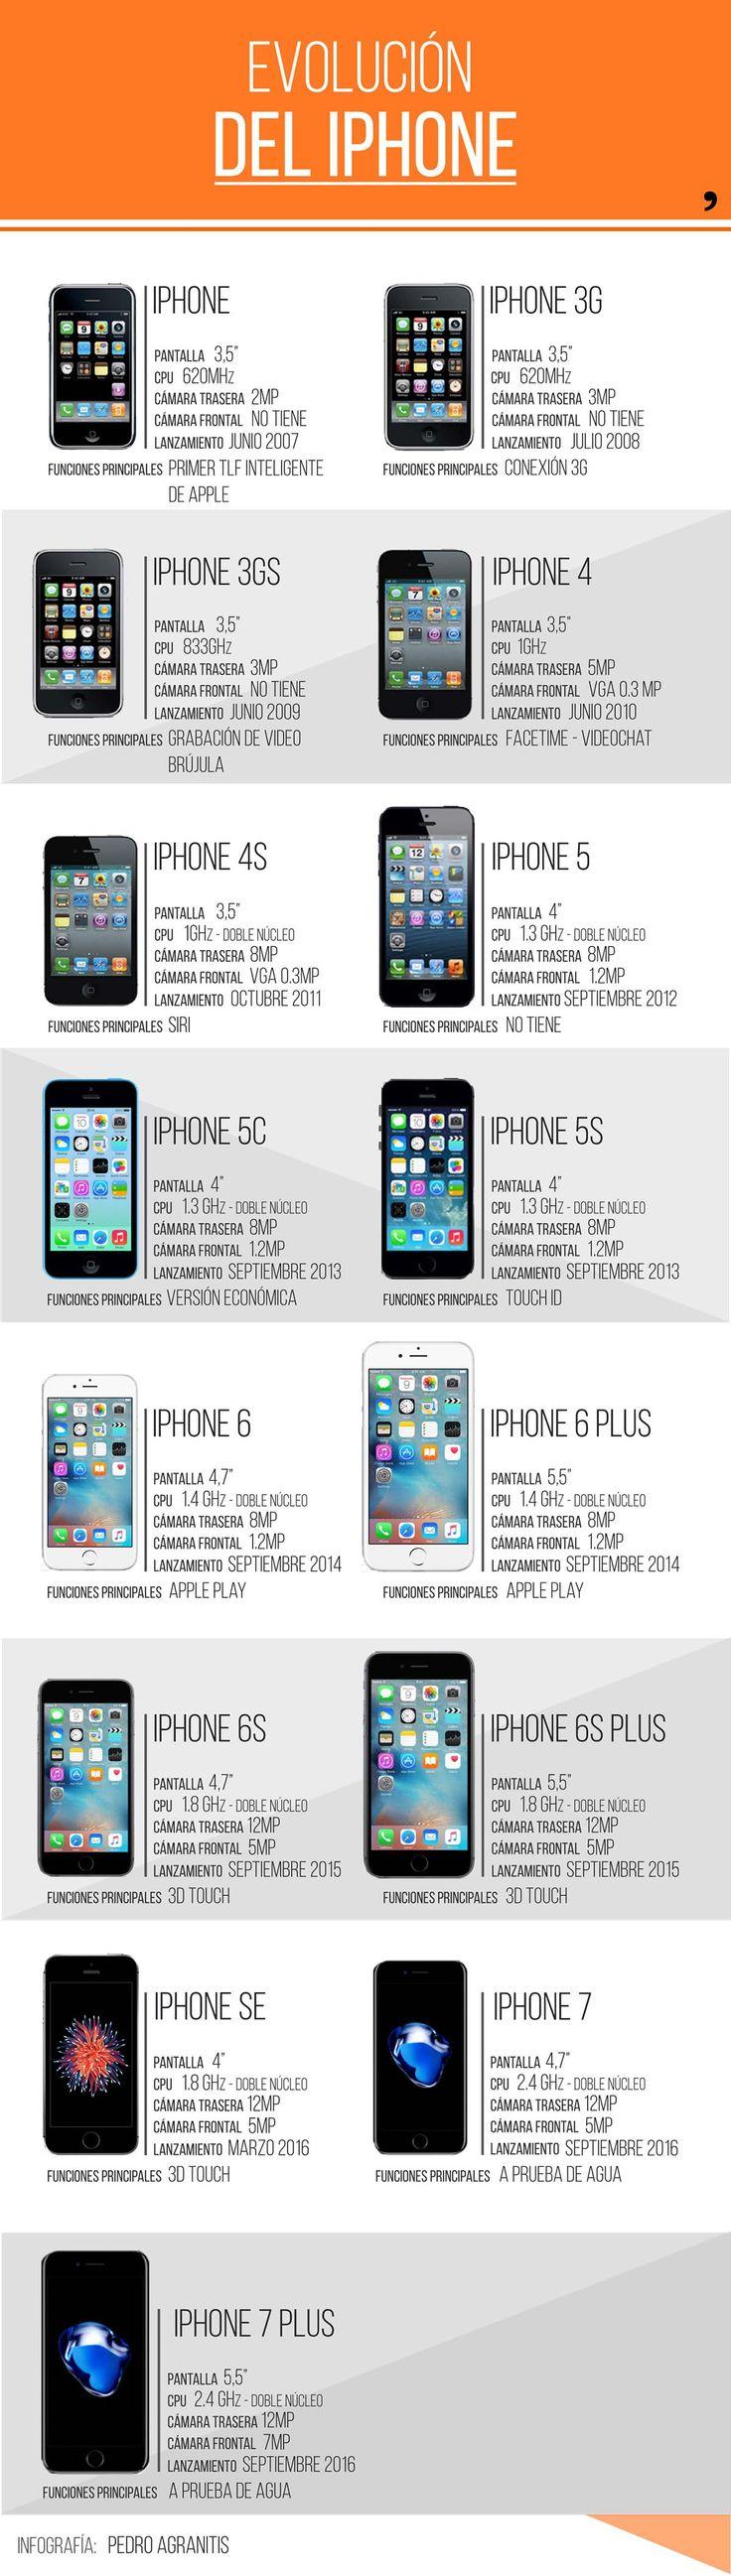 Hola: Una infografía sobre la Evolución del iPhone (del iPhone al iPhone 7). Vía Un saludo